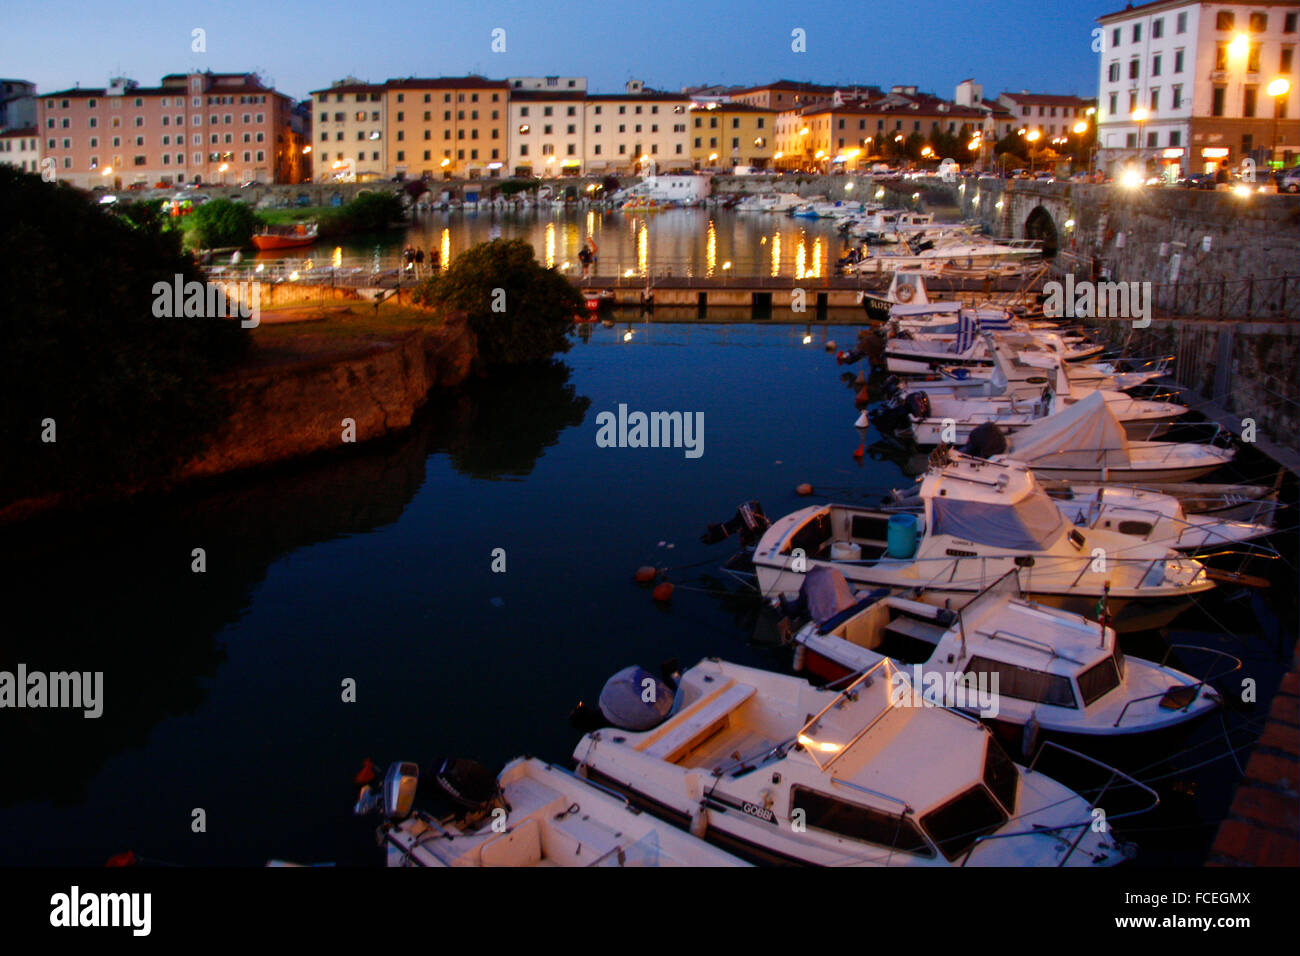 Impressionen - Livorno, Italien. - Stock Image